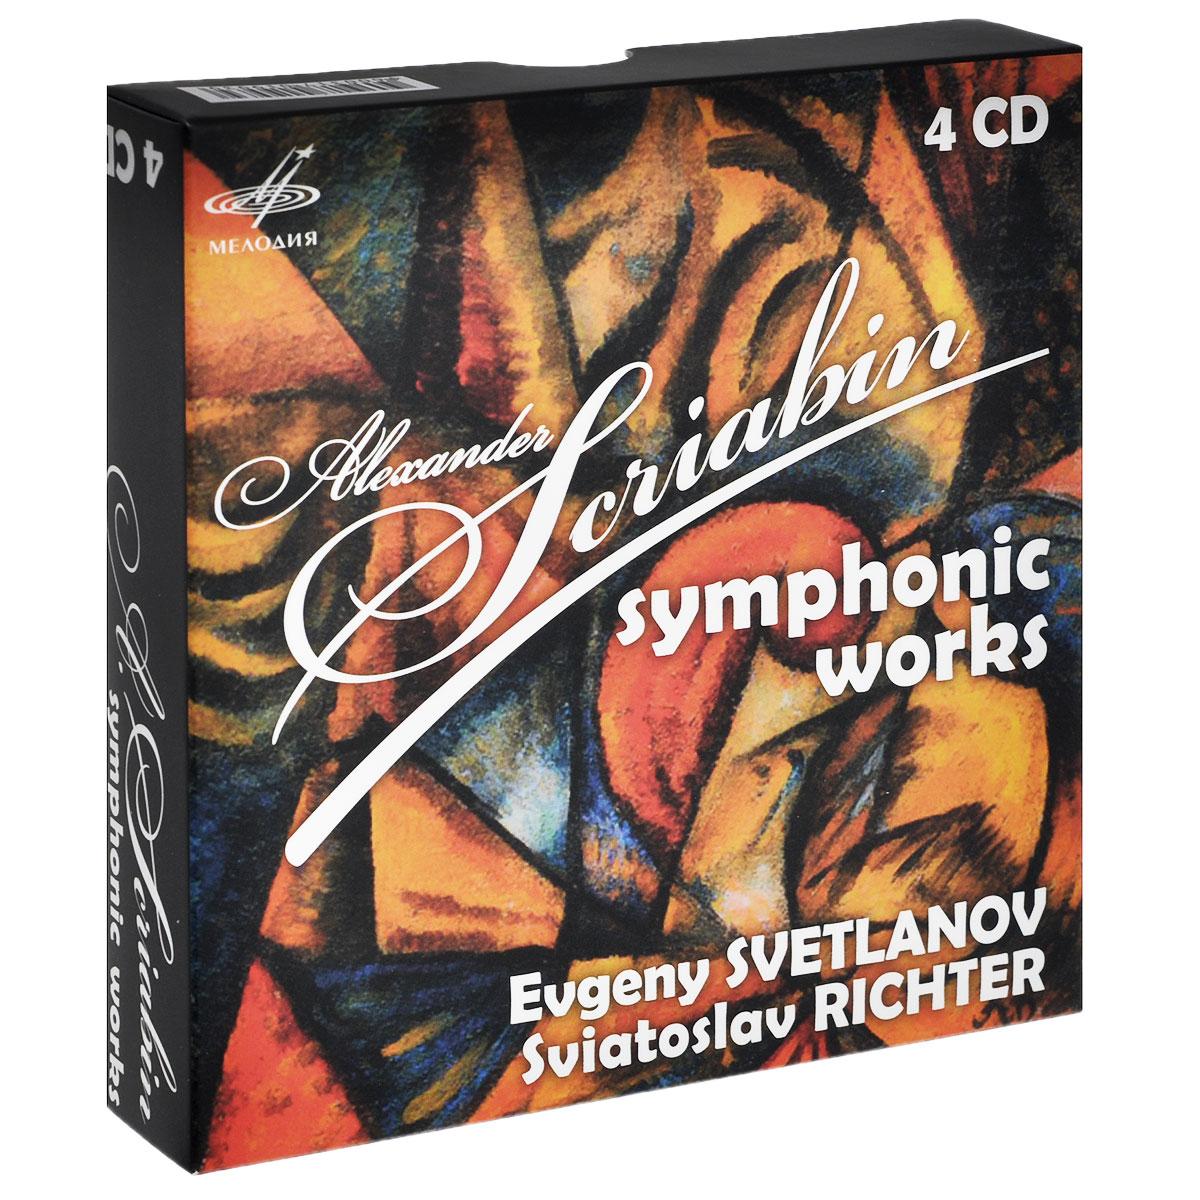 Святослав Рихтер Evgeny Svetlanov. Sviatoslav Richter. Alexander Scriabin. Symphonic Works (4 CD)